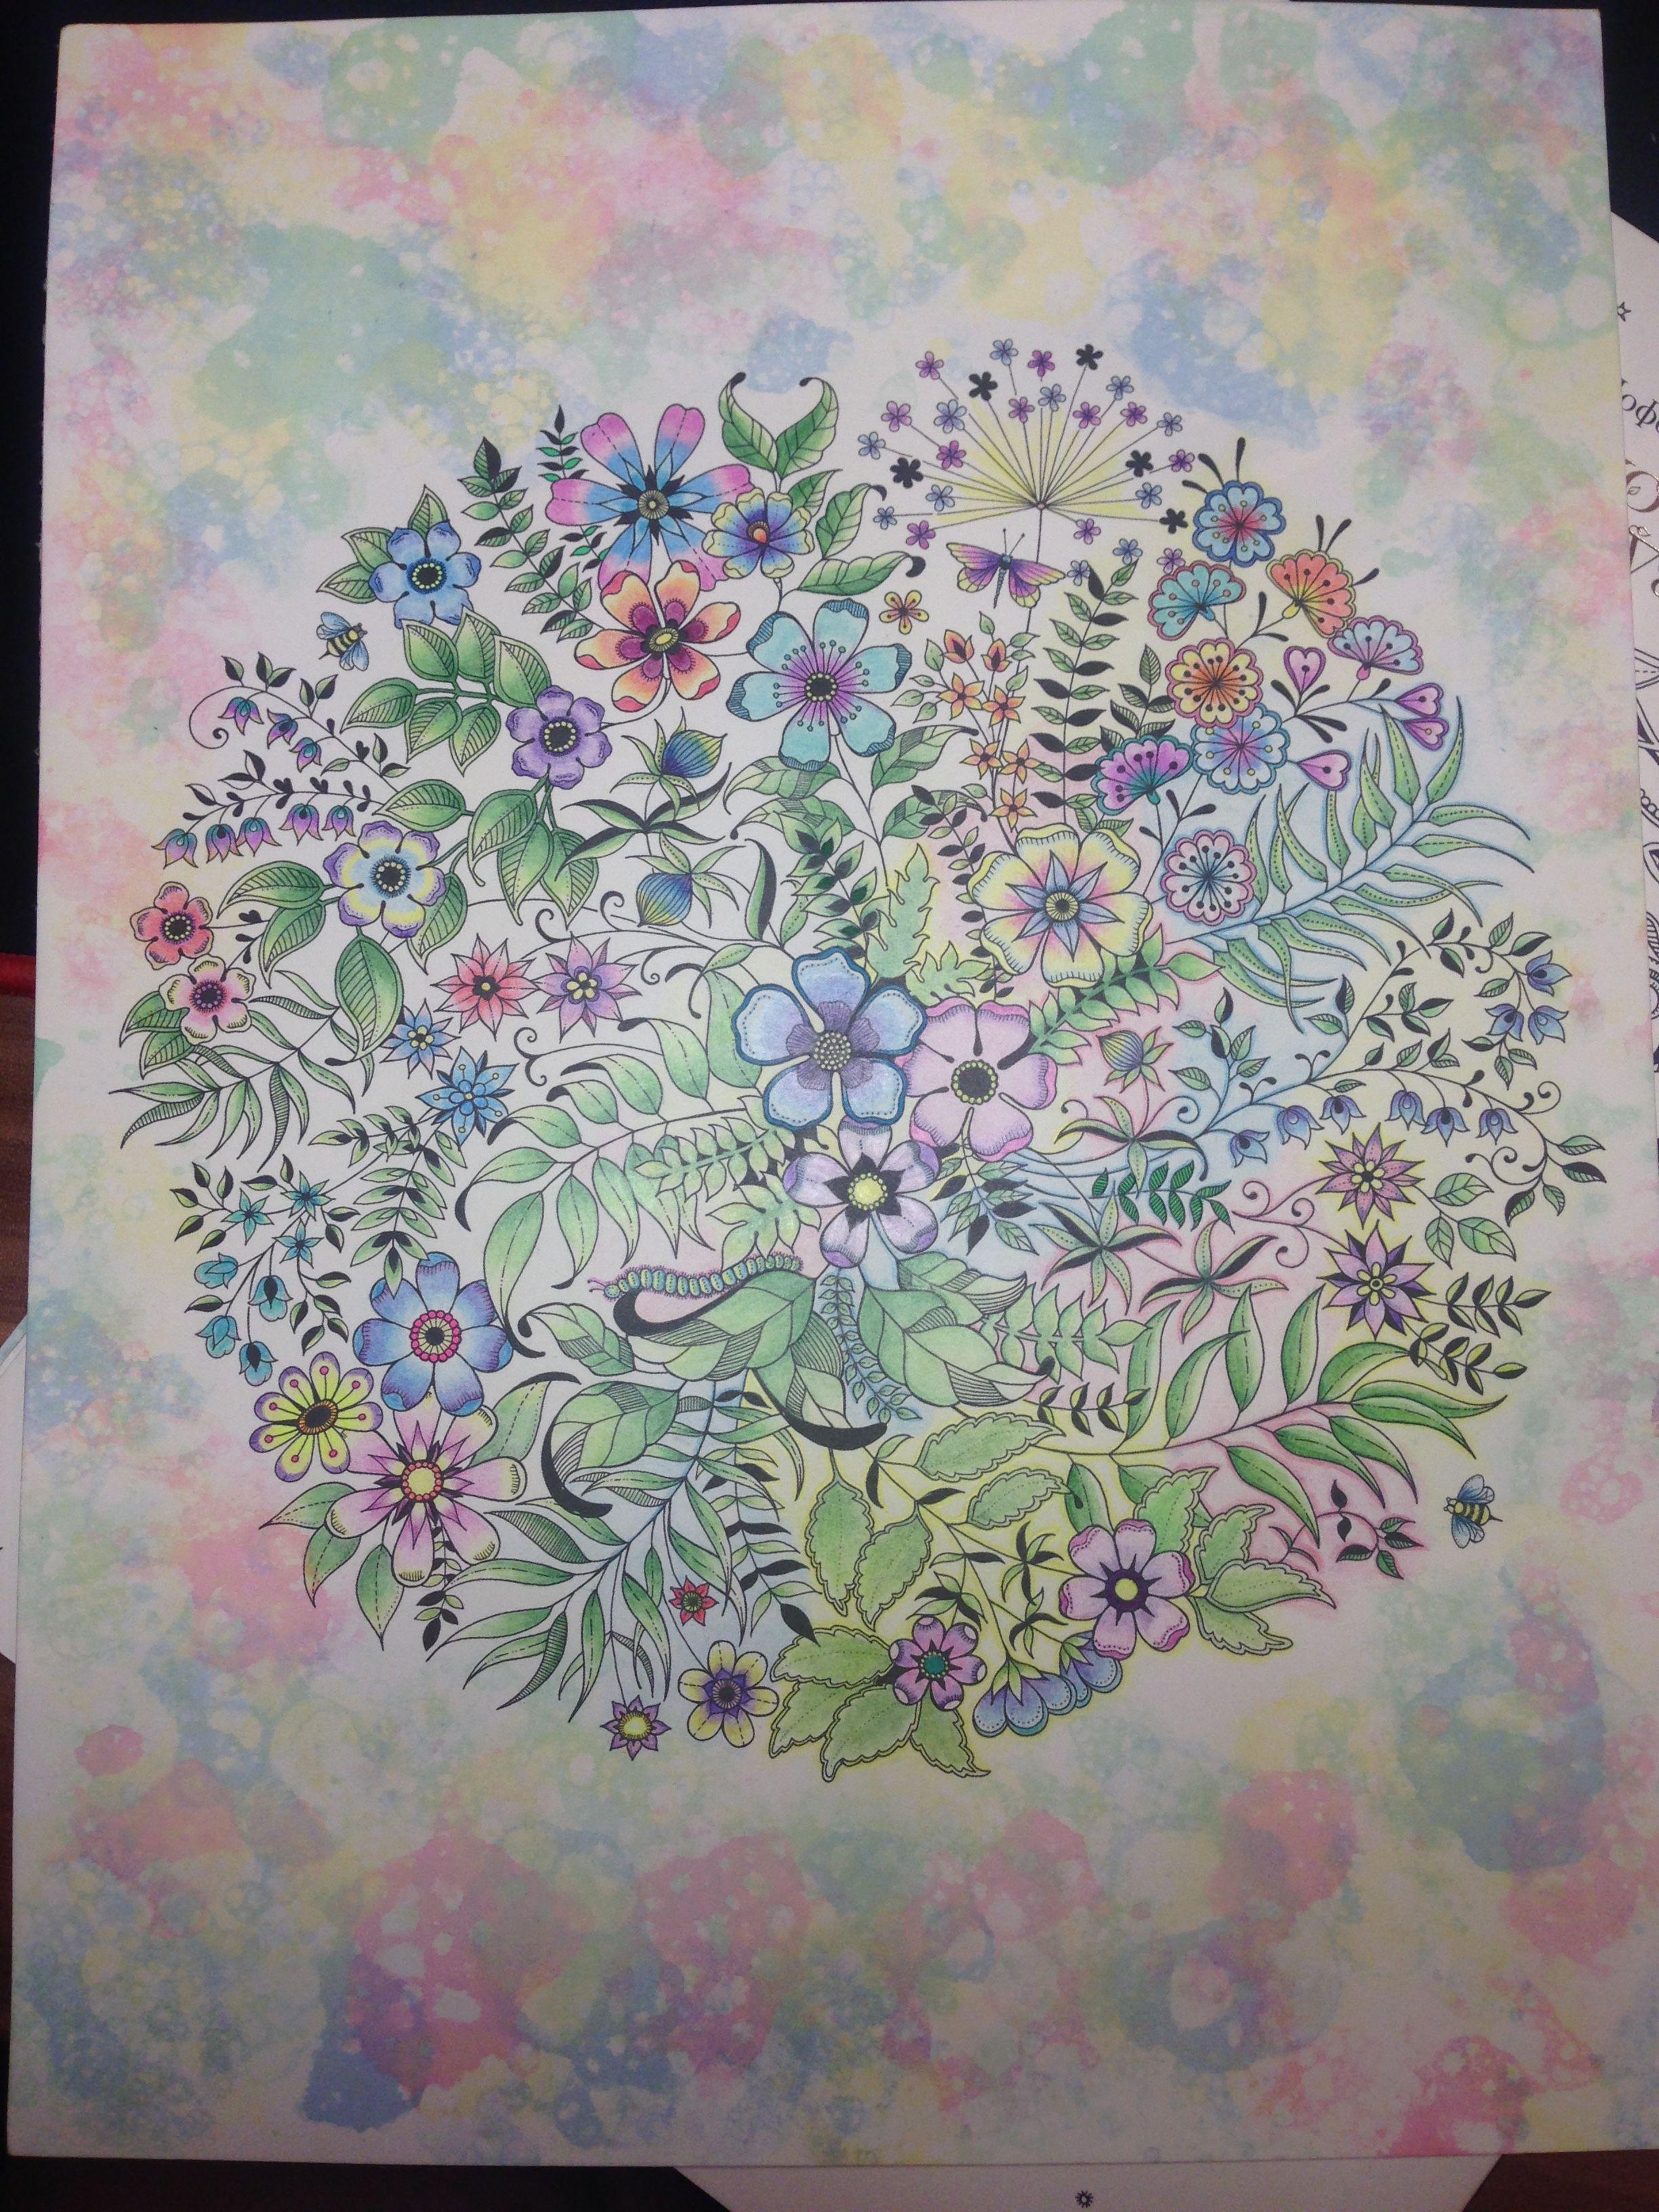 #джоанна бэсфорд #таинственный сад | Идея для раскраски